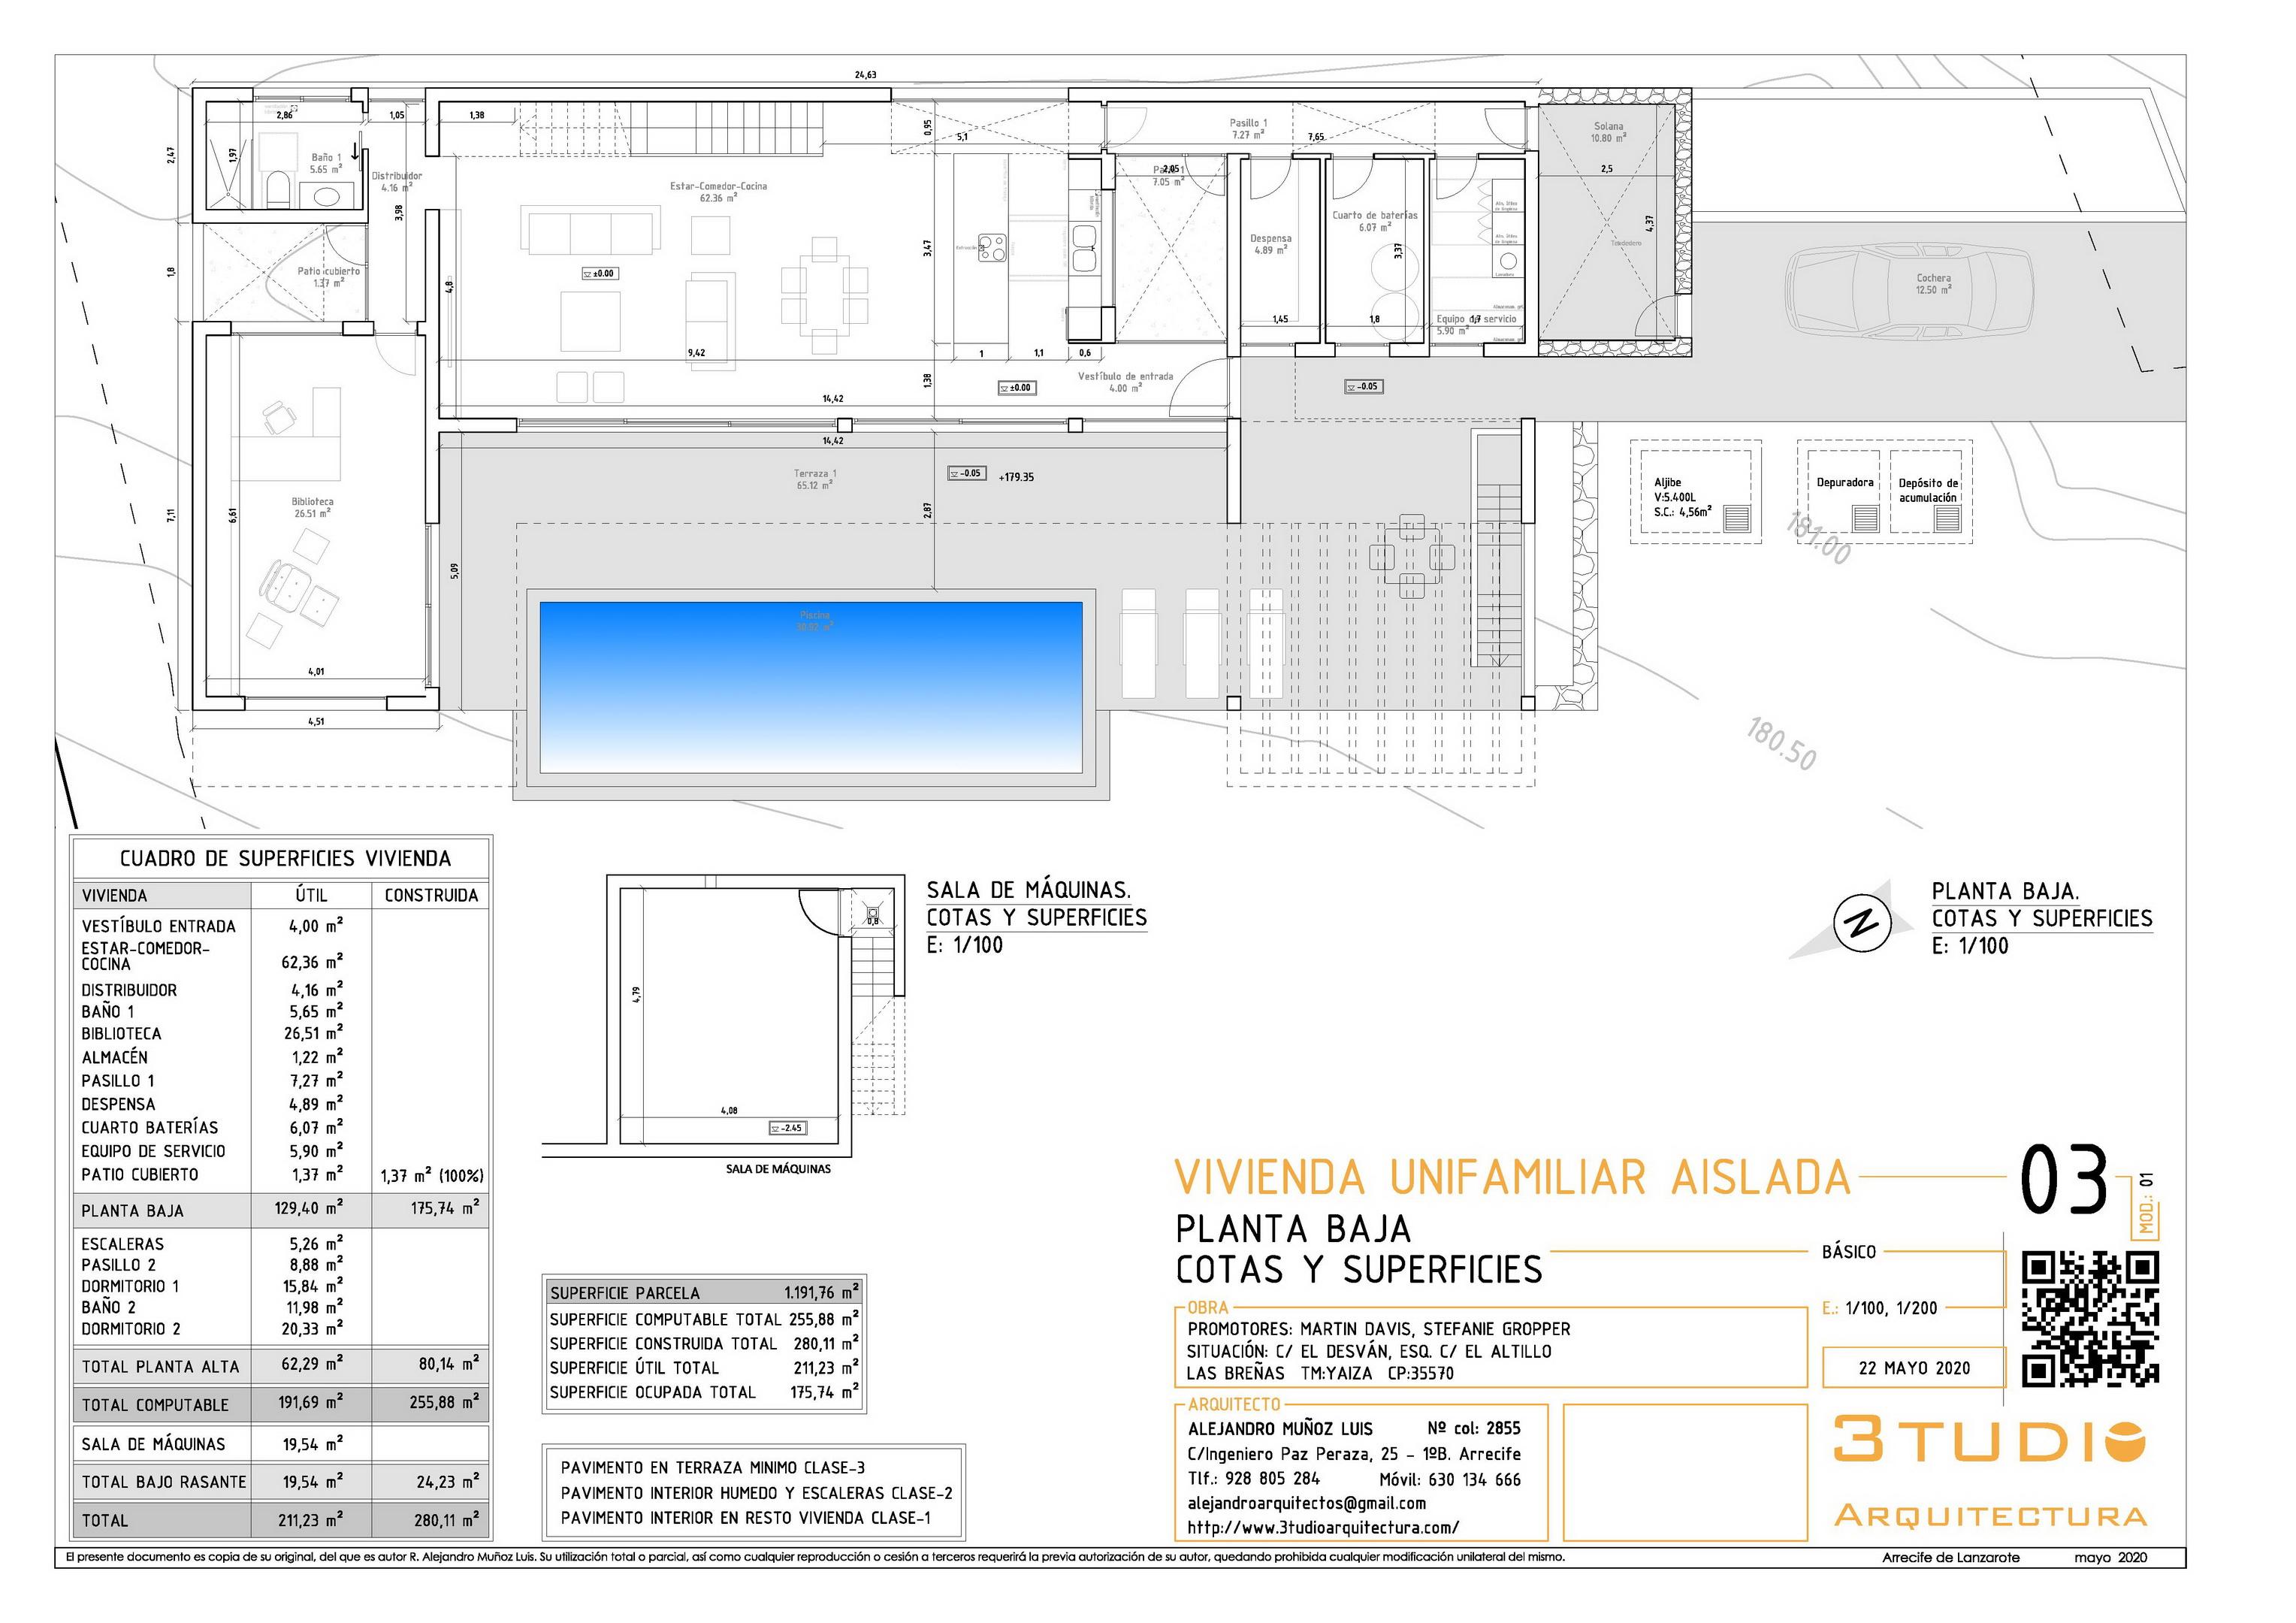 Plans AM 2005 3 03